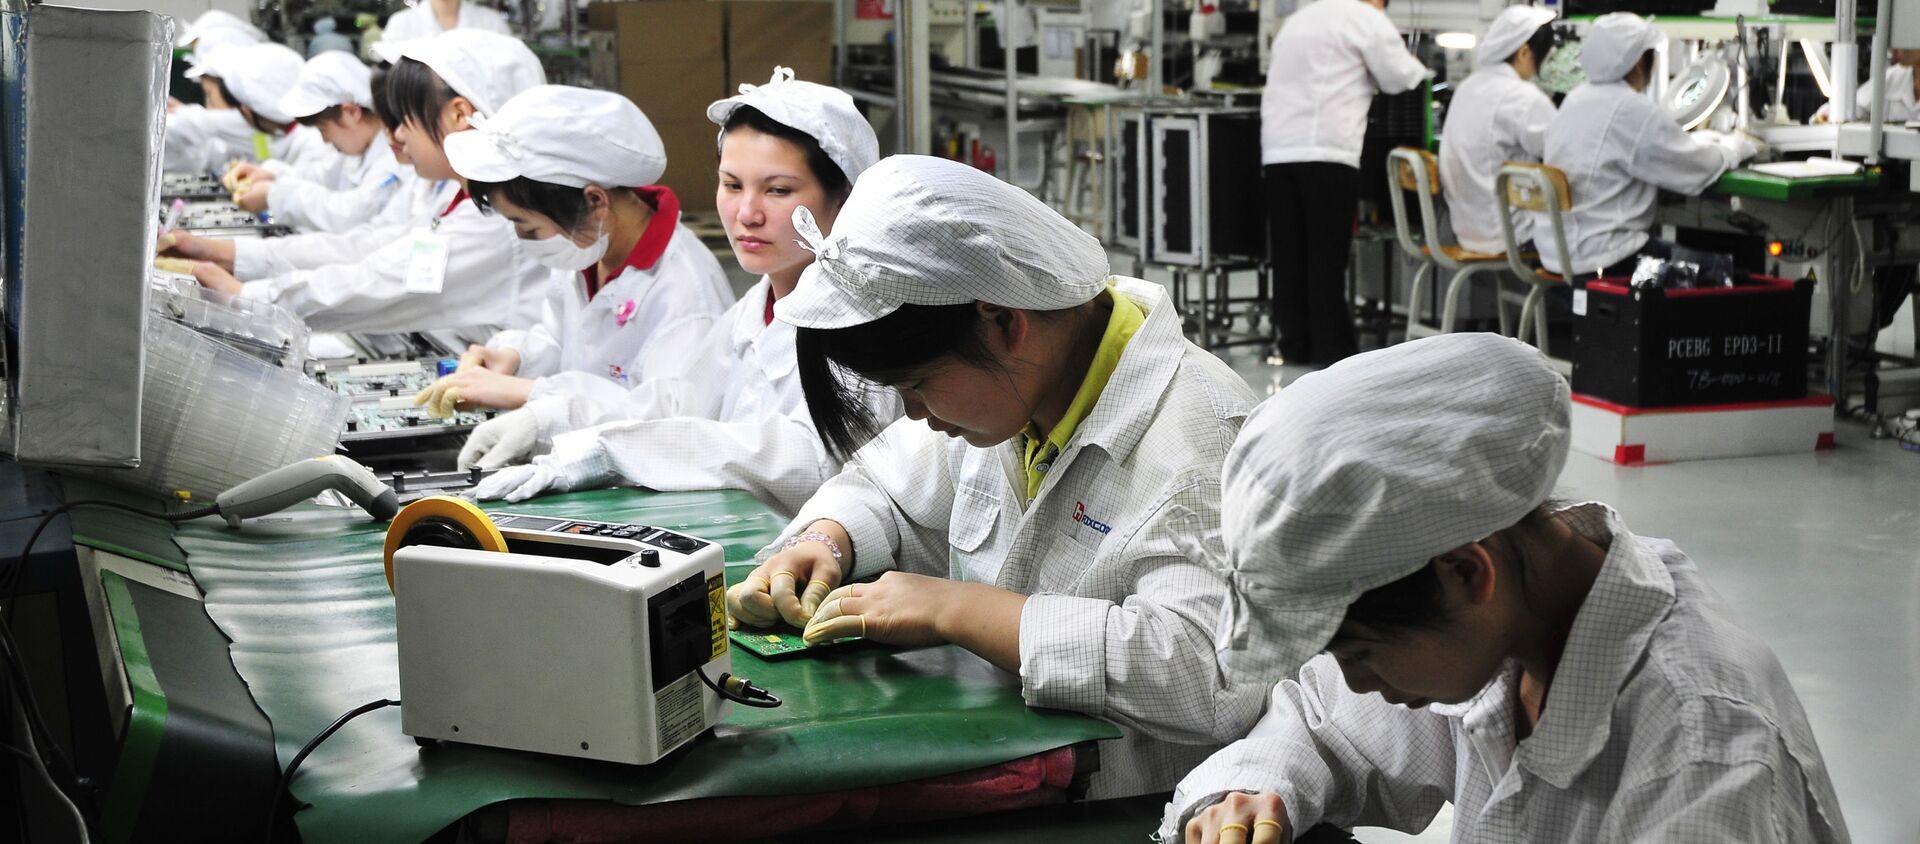 Công nhân làm việc trong phân xưởng của nhà máy Foxconn Technology Group ở Thâm Quyến, Trung Quốc - Sputnik Việt Nam, 1920, 24.03.2021